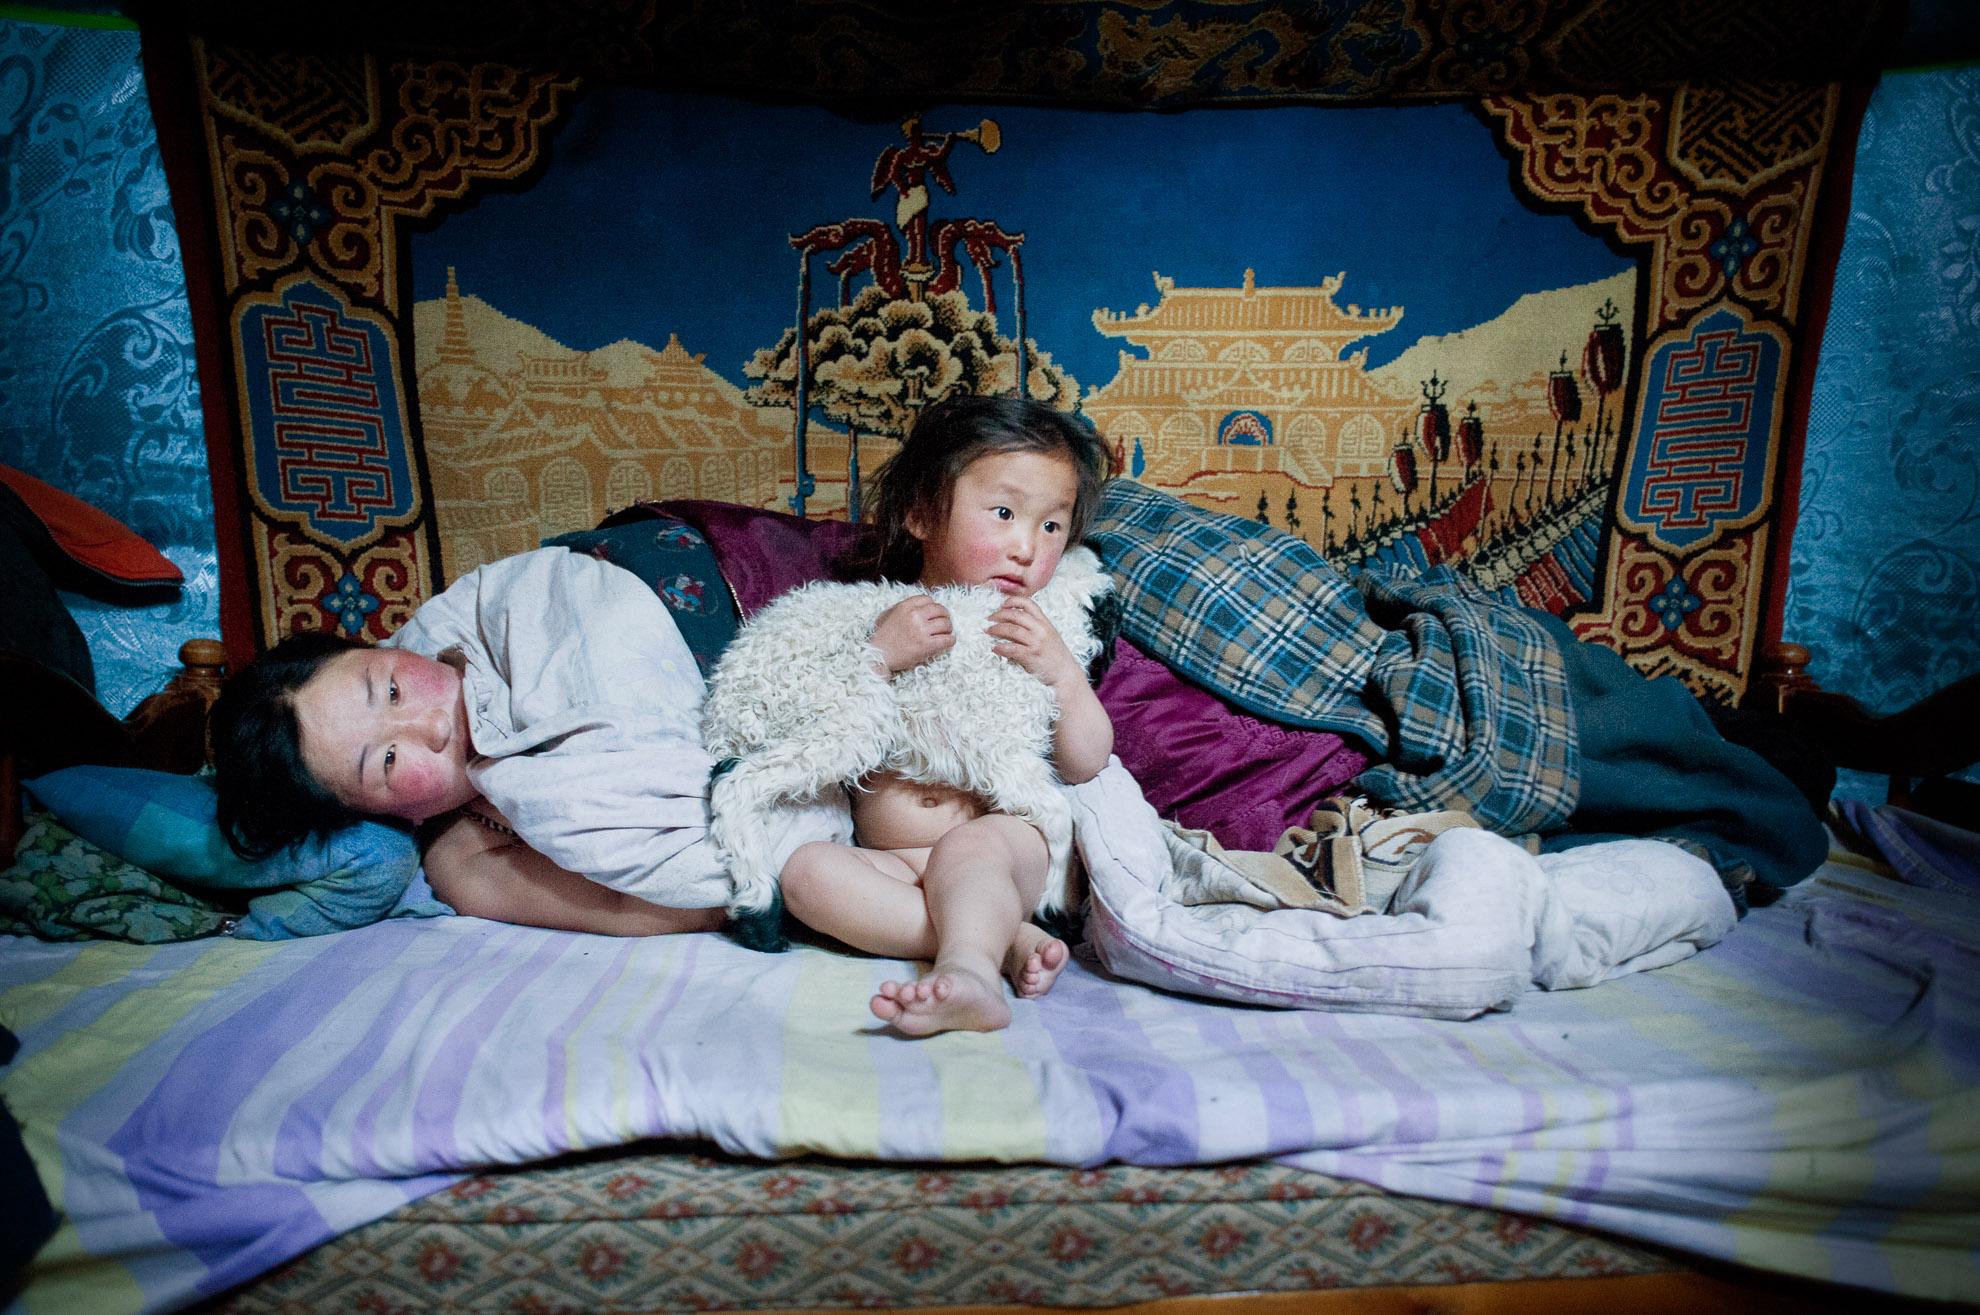 Erdene Tuya, junto a su hijo de 3 años llamado Tuvchinj (que abraza a un borreguito que duerme con ellos) acaba de despertarse, mientras su marido Batgargal ha salido a echarle un vistazo al rebaño con su otro hijo, Azjargal, de 6 años.